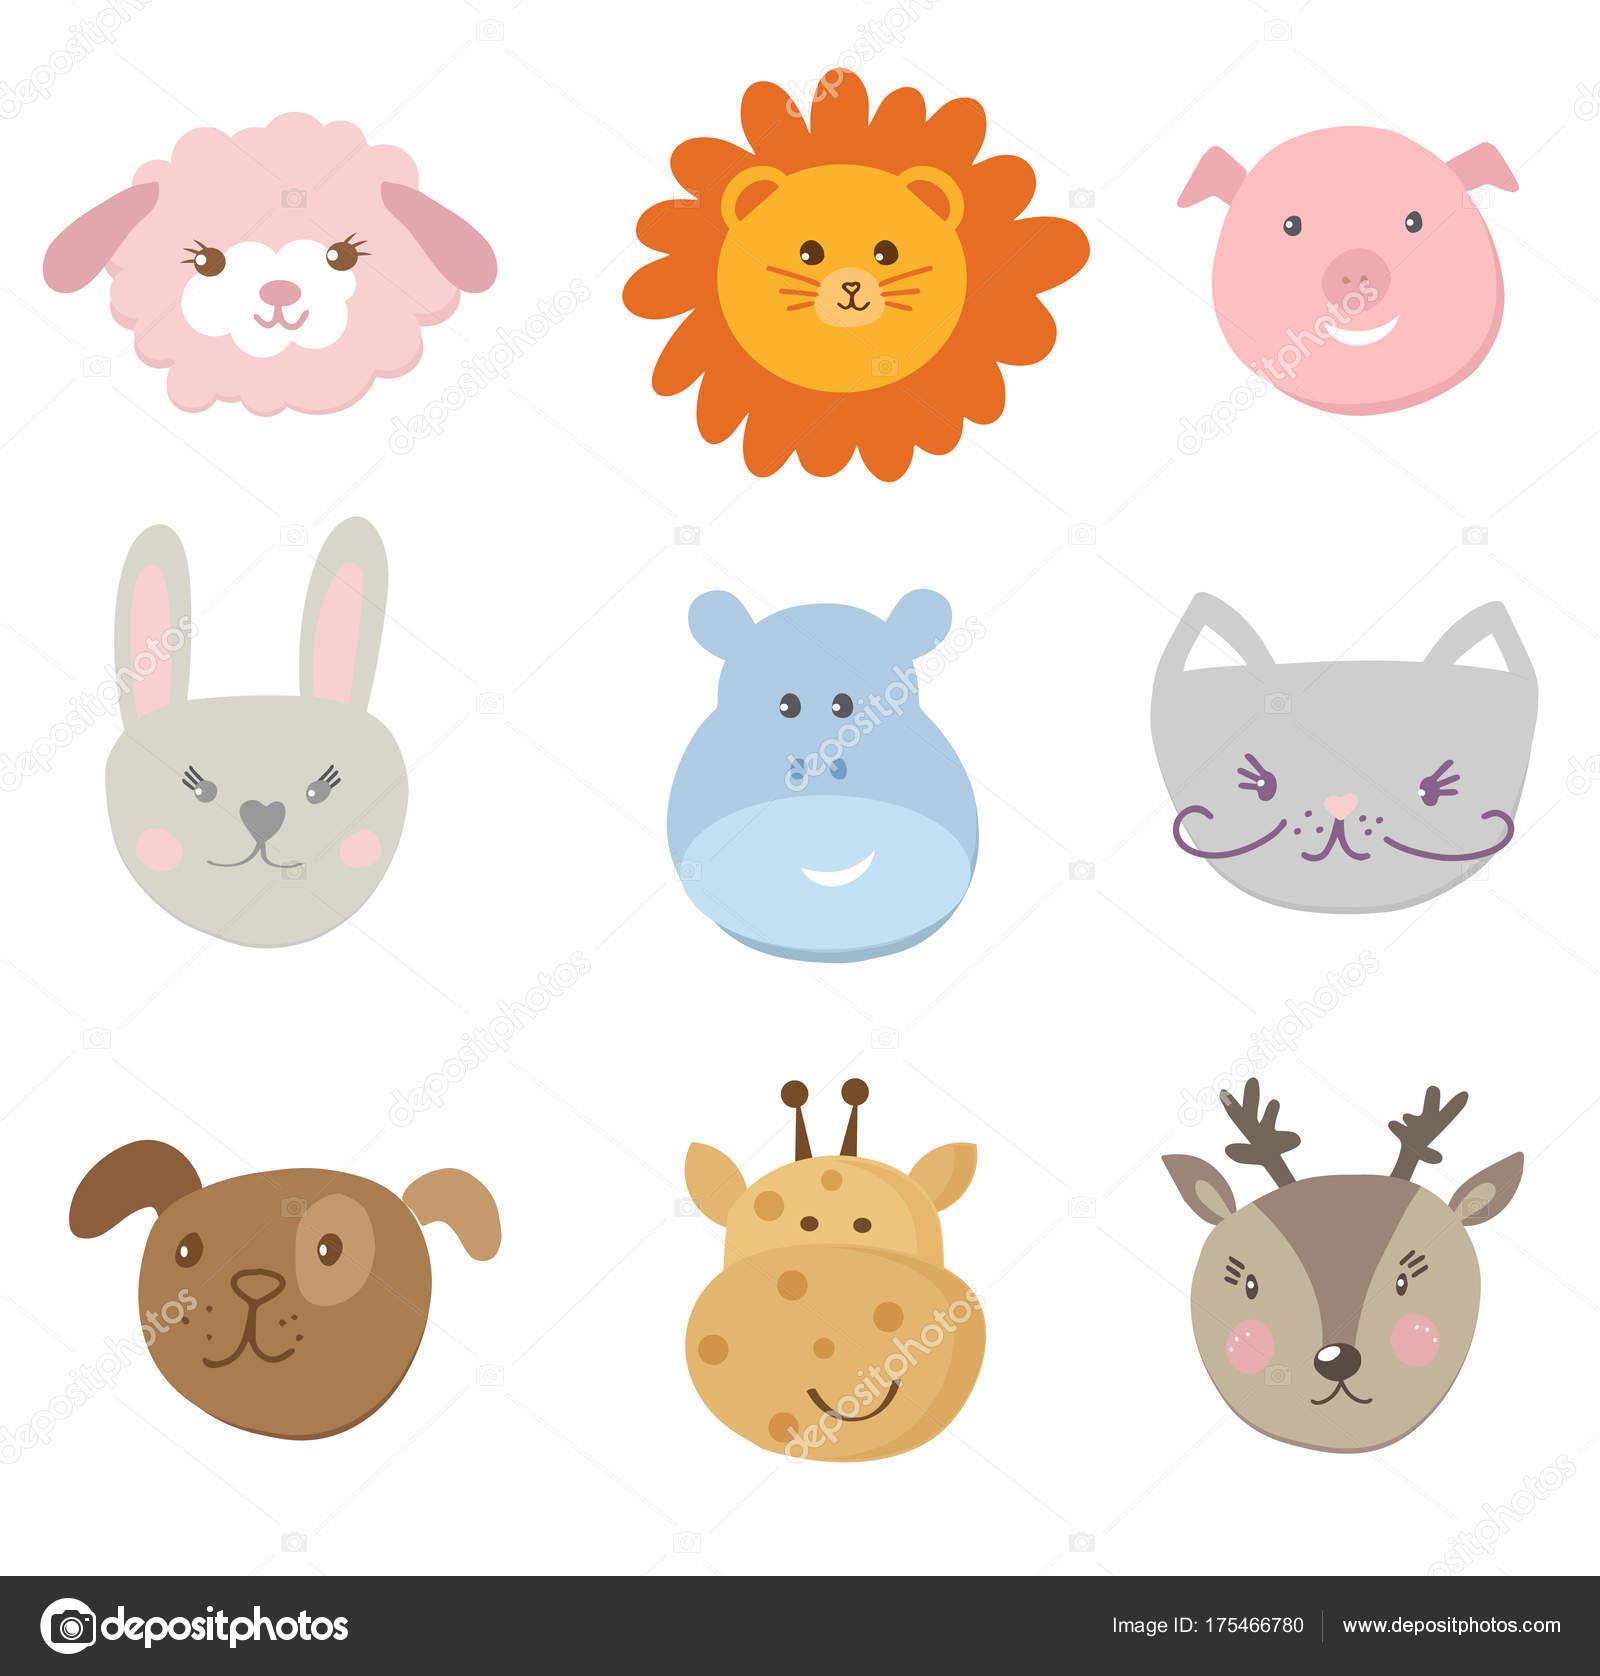 かわいい顔の動物のコレクション — ストックベクター © mcherevan #175466780